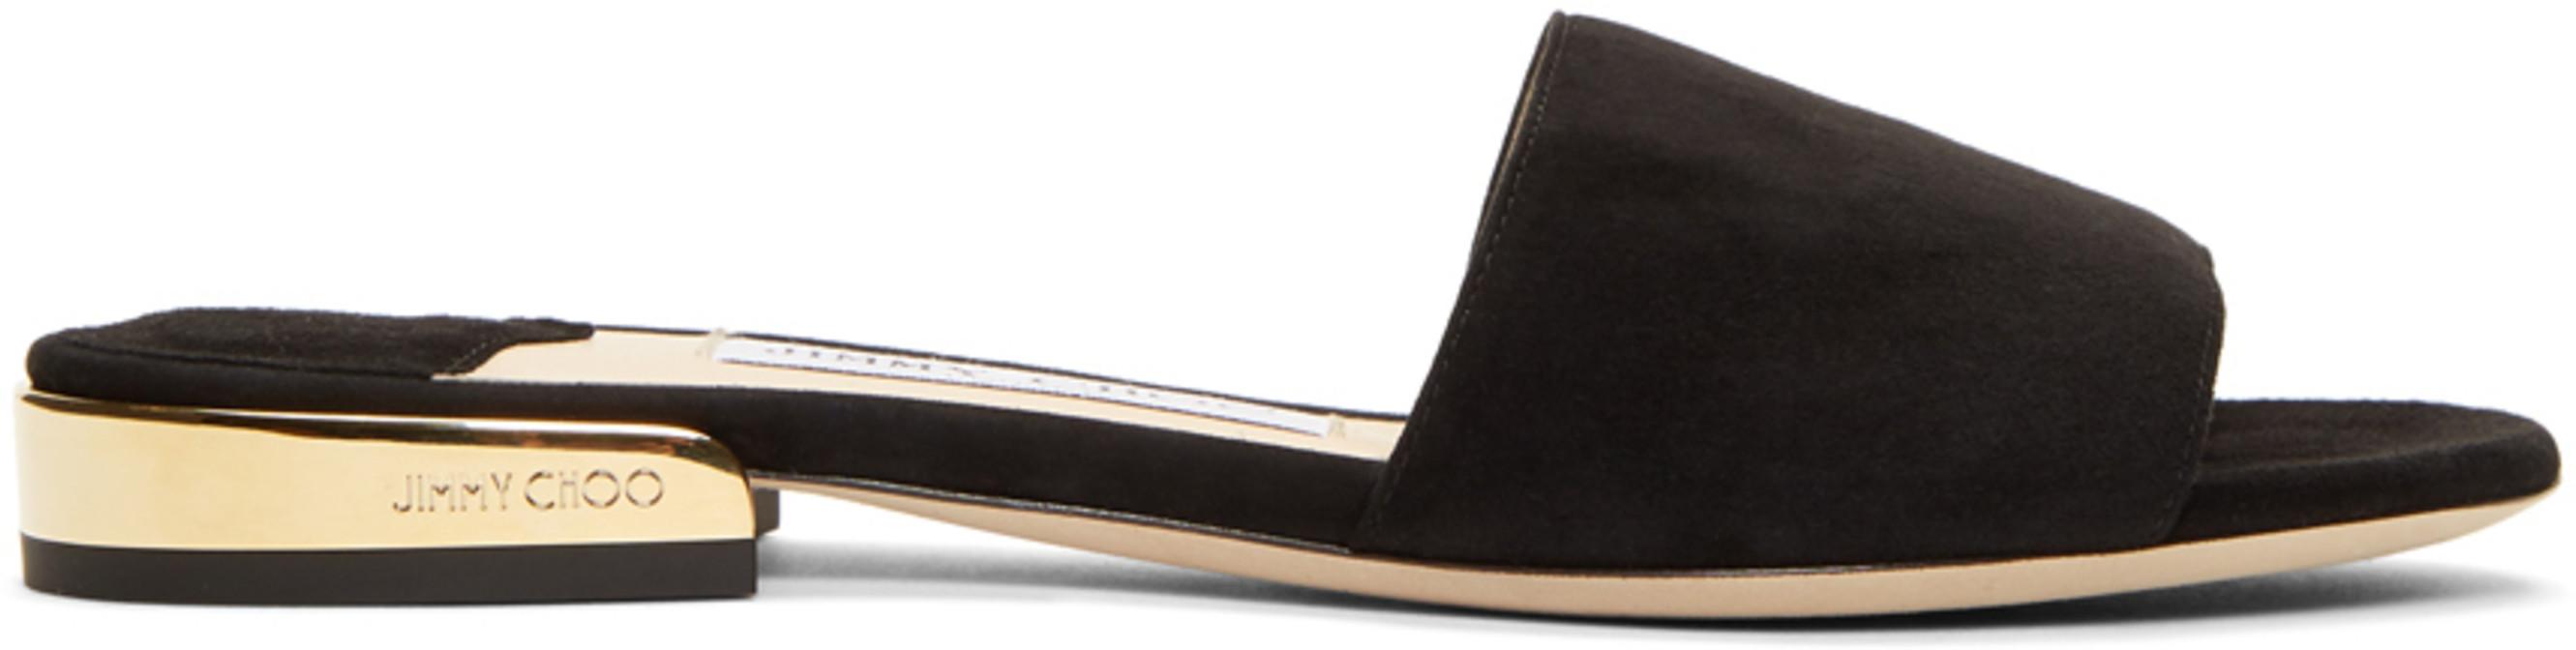 buy online f3f7b 5b208 Designer shoes for Women   SSENSE